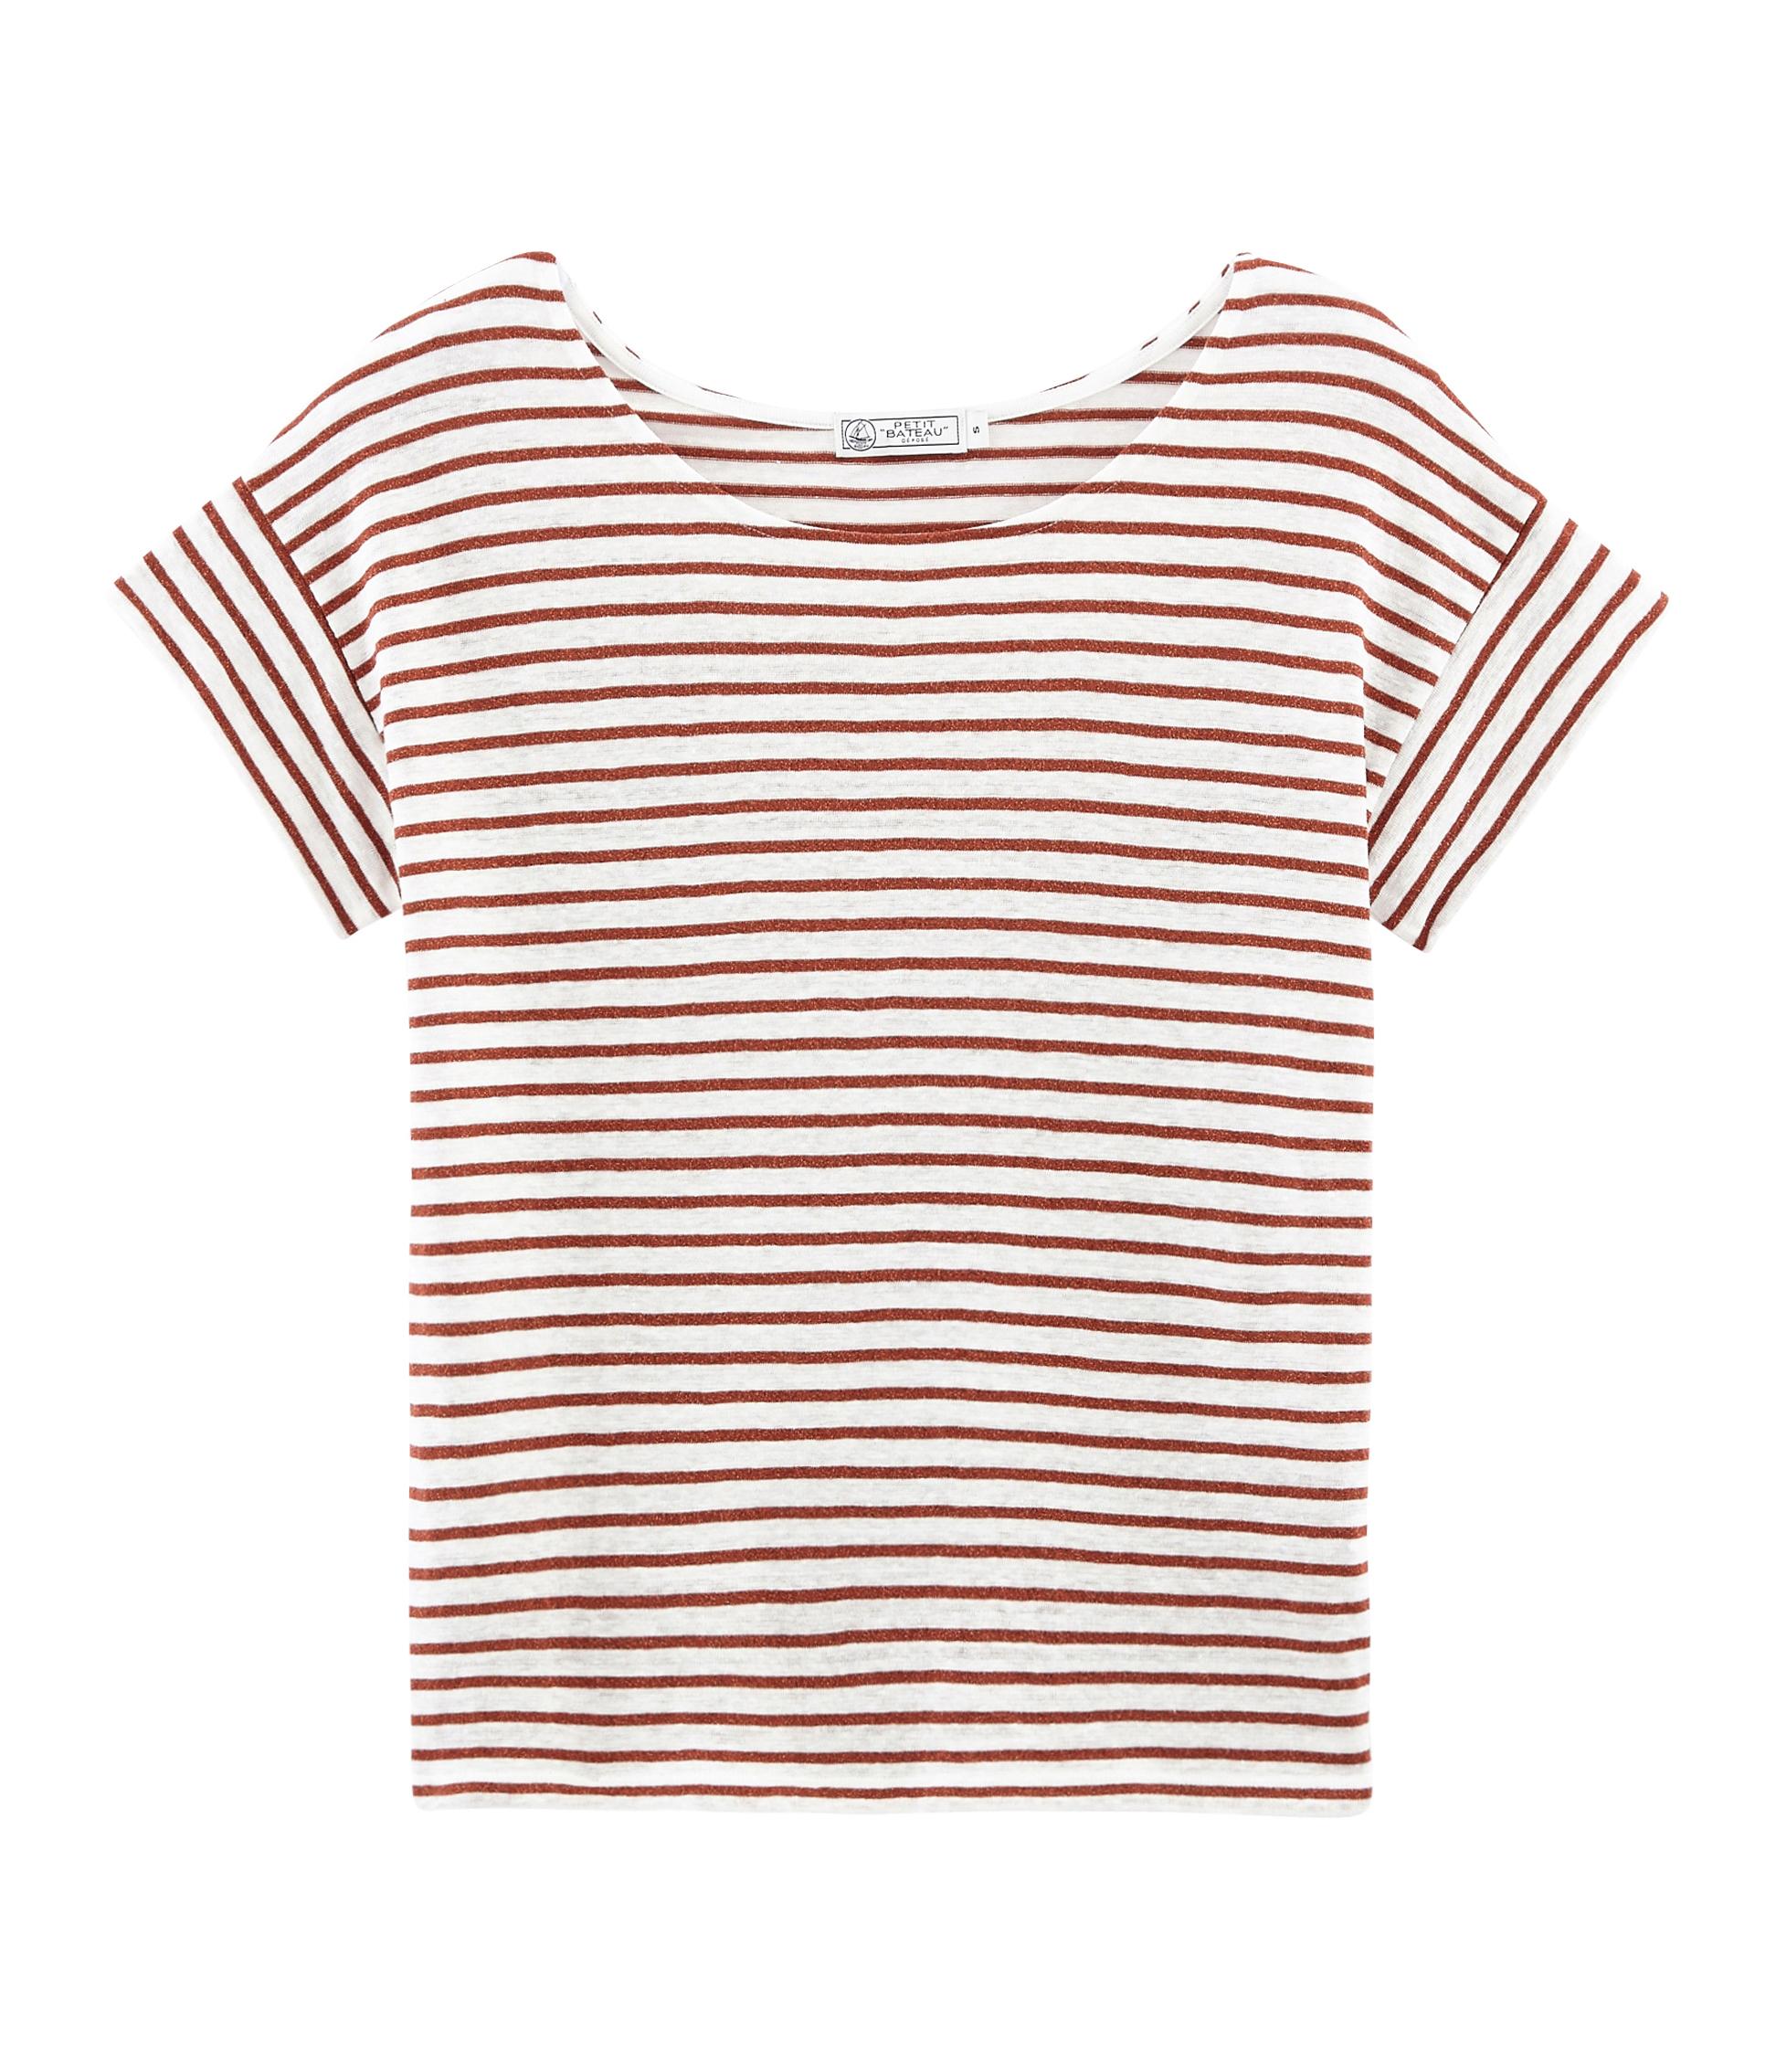 8db90c8c4aae8 Tee-shirt manches courtes femme en lin